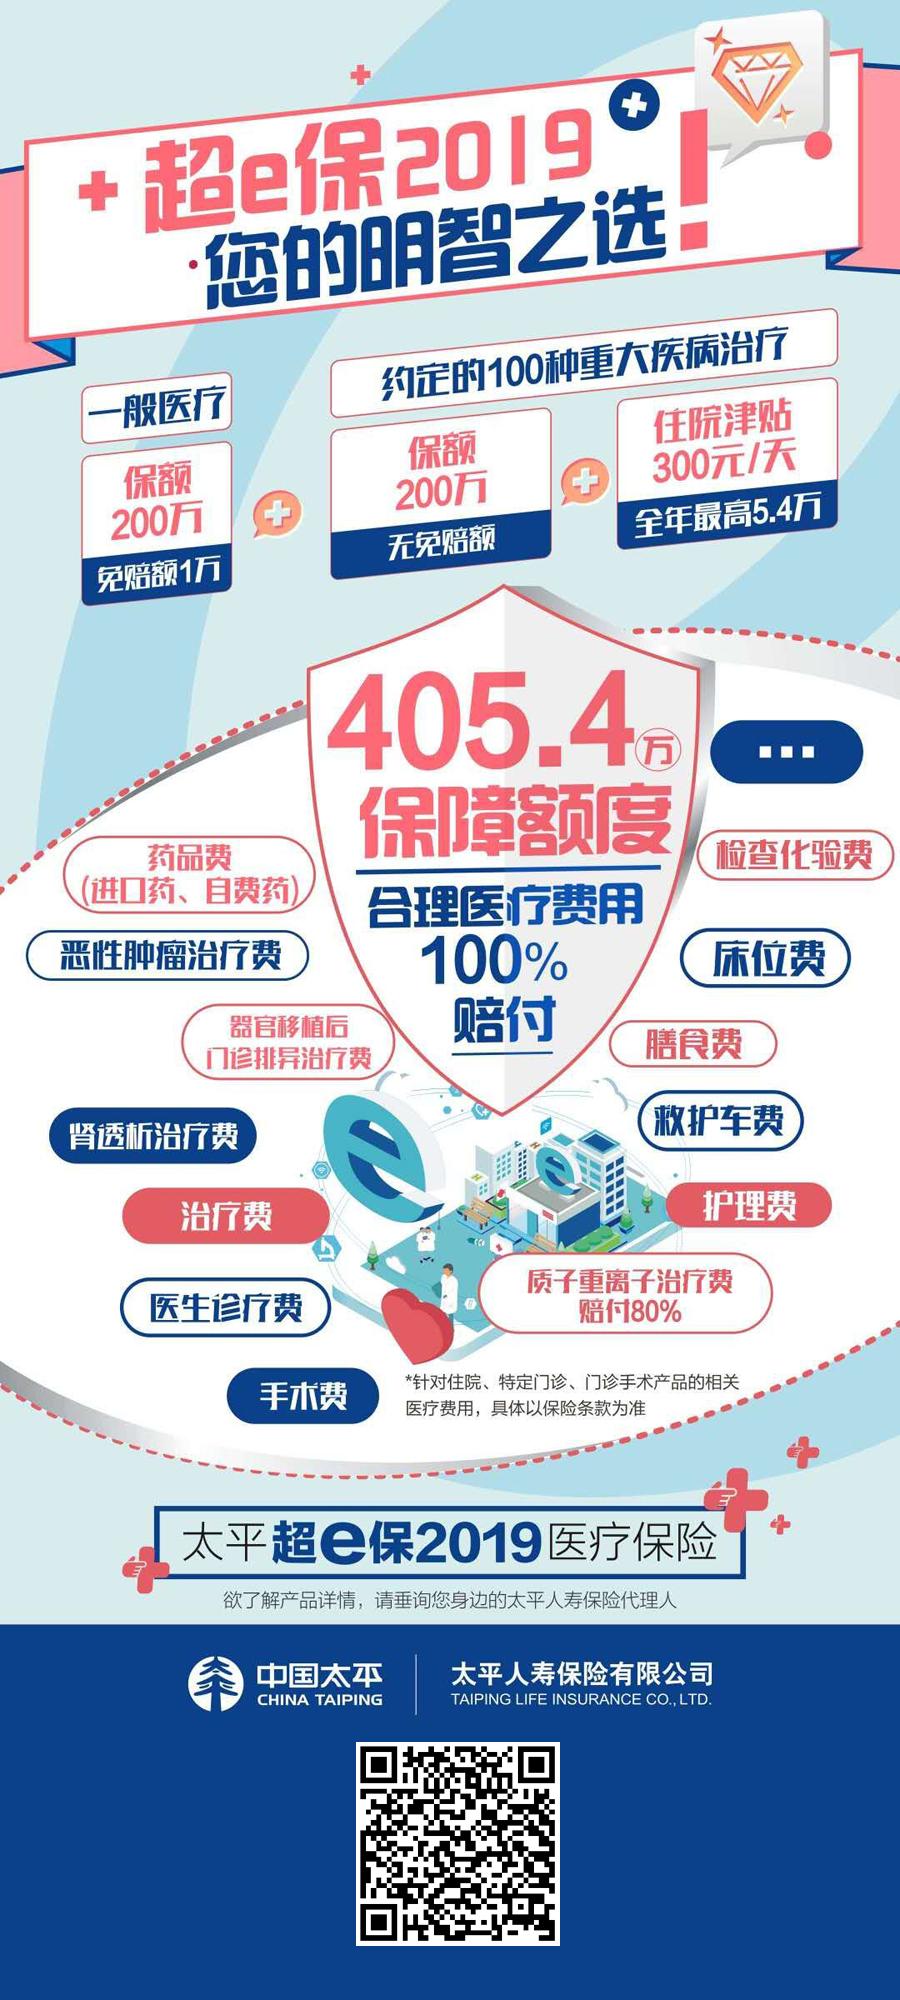 一次性能拿出40万的中国家庭多不多?